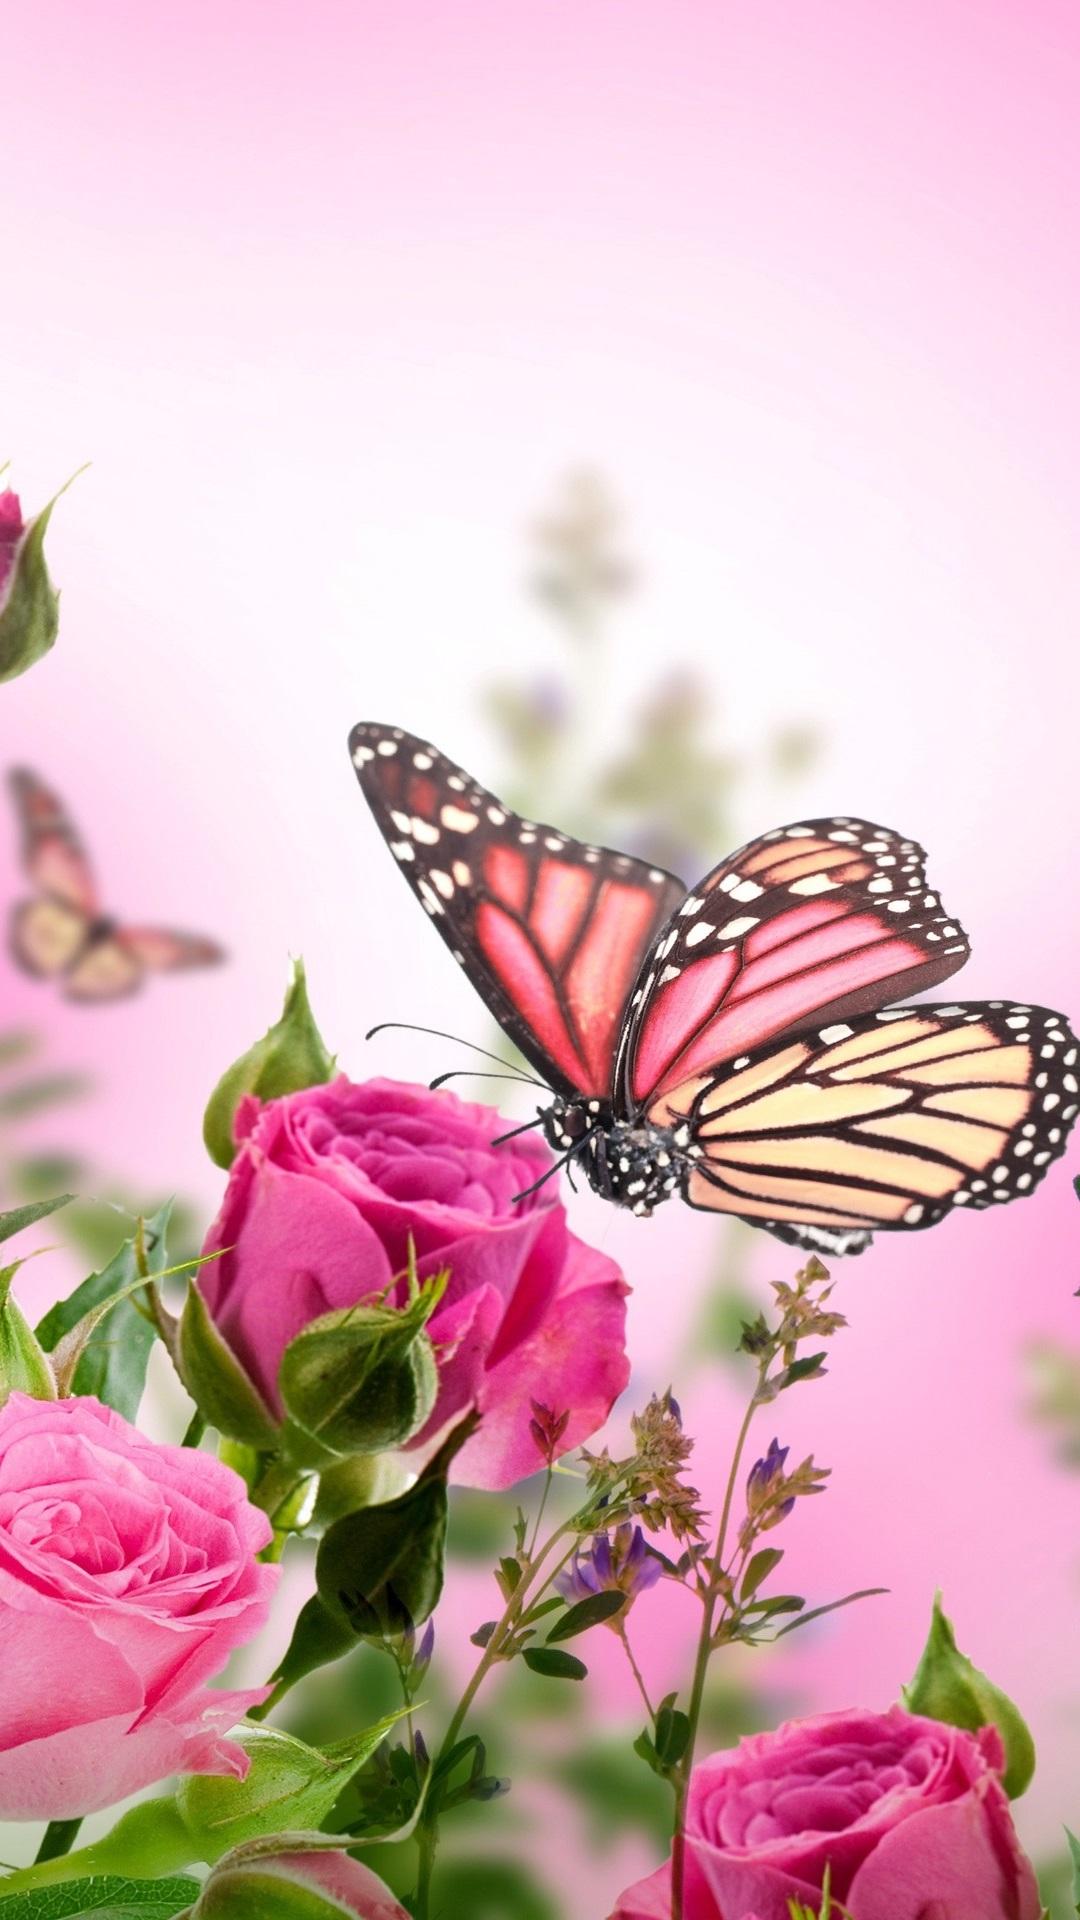 壁紙 ピンクのバラ、花、蝶 2560x1920 HD 無料のデスクトップの背景, 画像 Wallpapers Of Butterflies